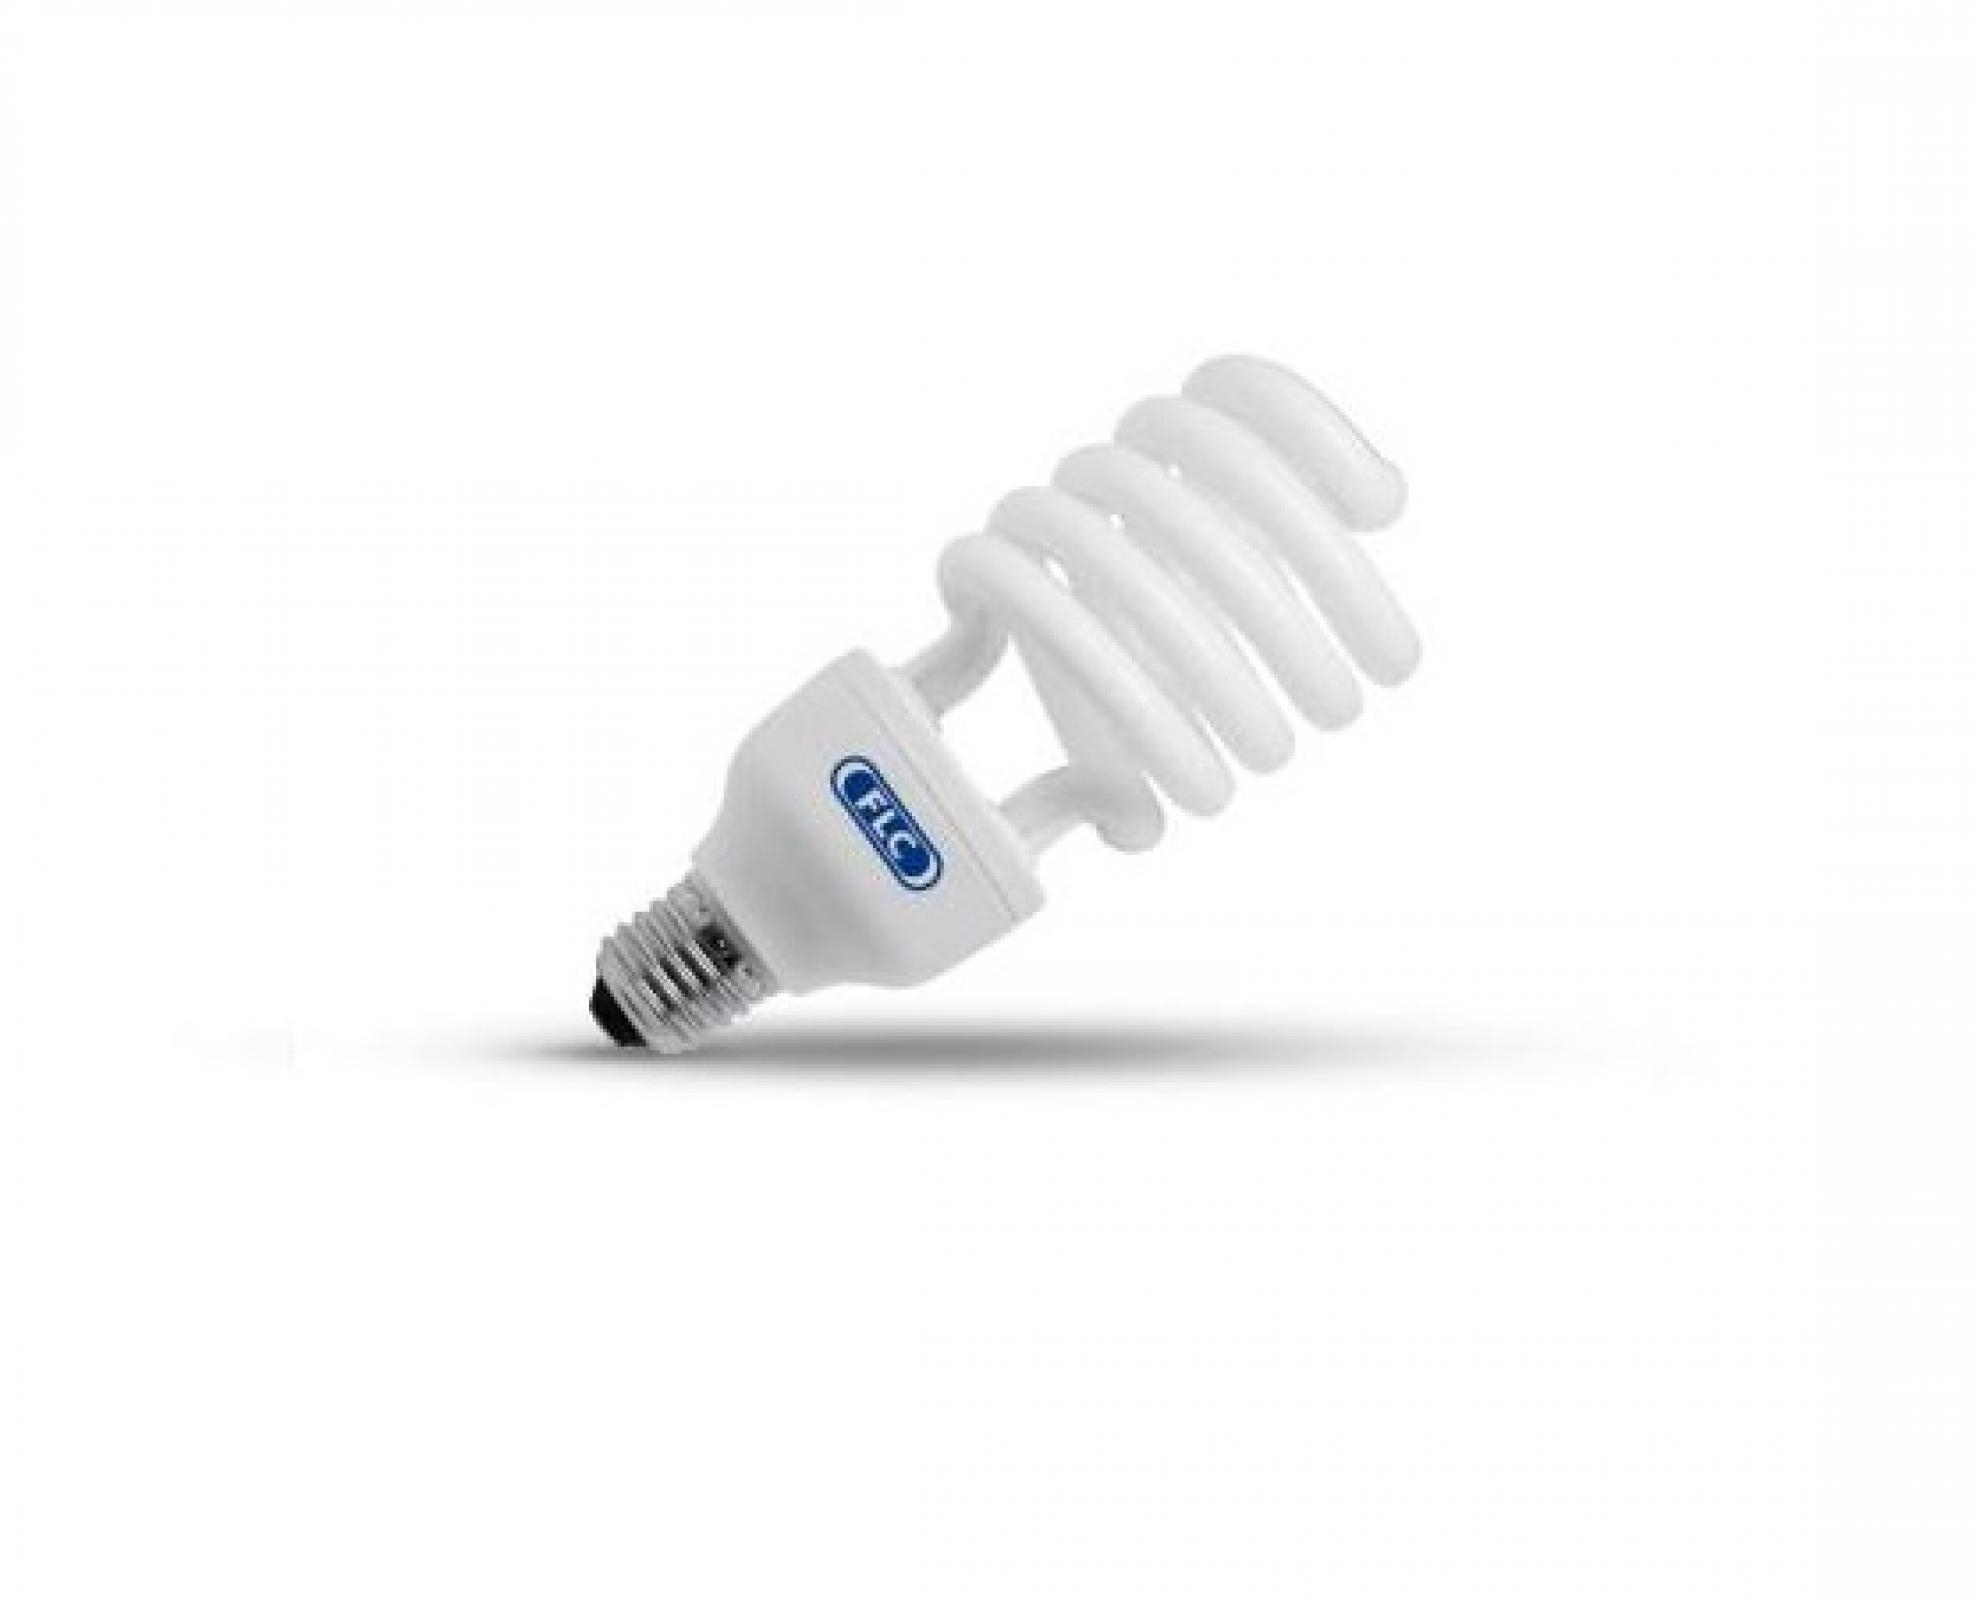 Lampada Espiral - Alto Fator 45W 220V